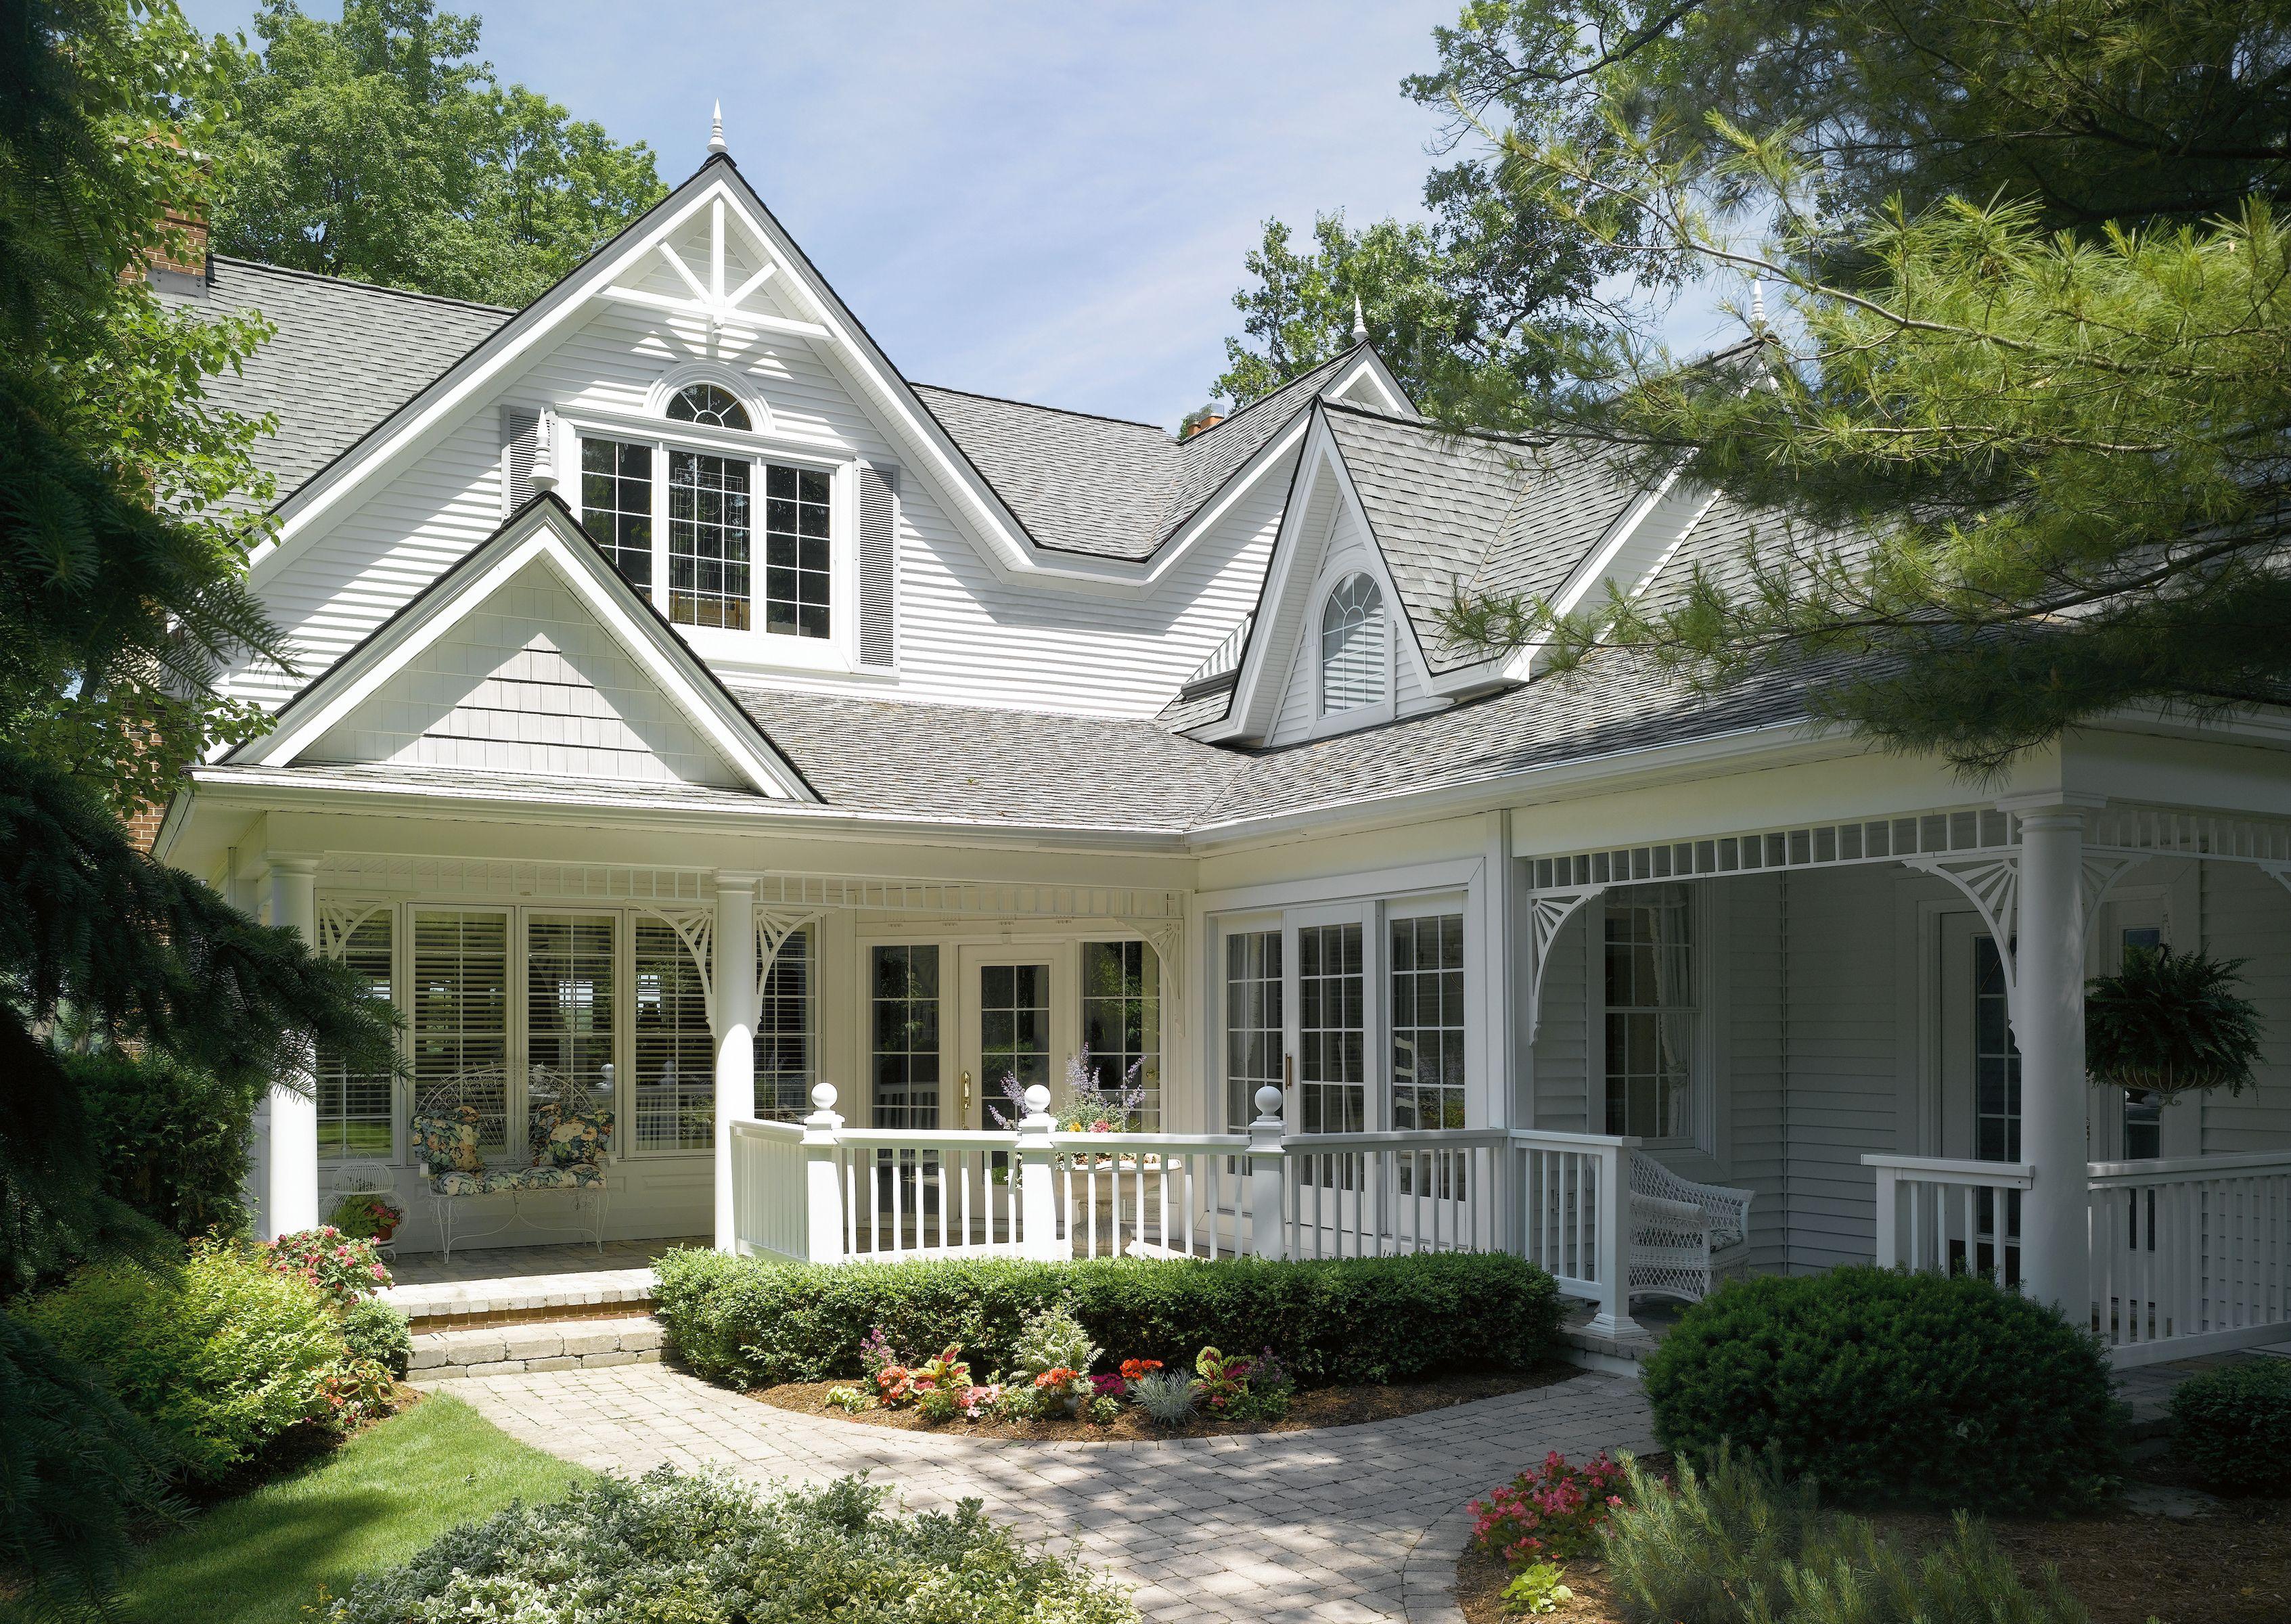 Certainteed Siding Monogram Colonial White White Siding House Exterior Certainteed Siding